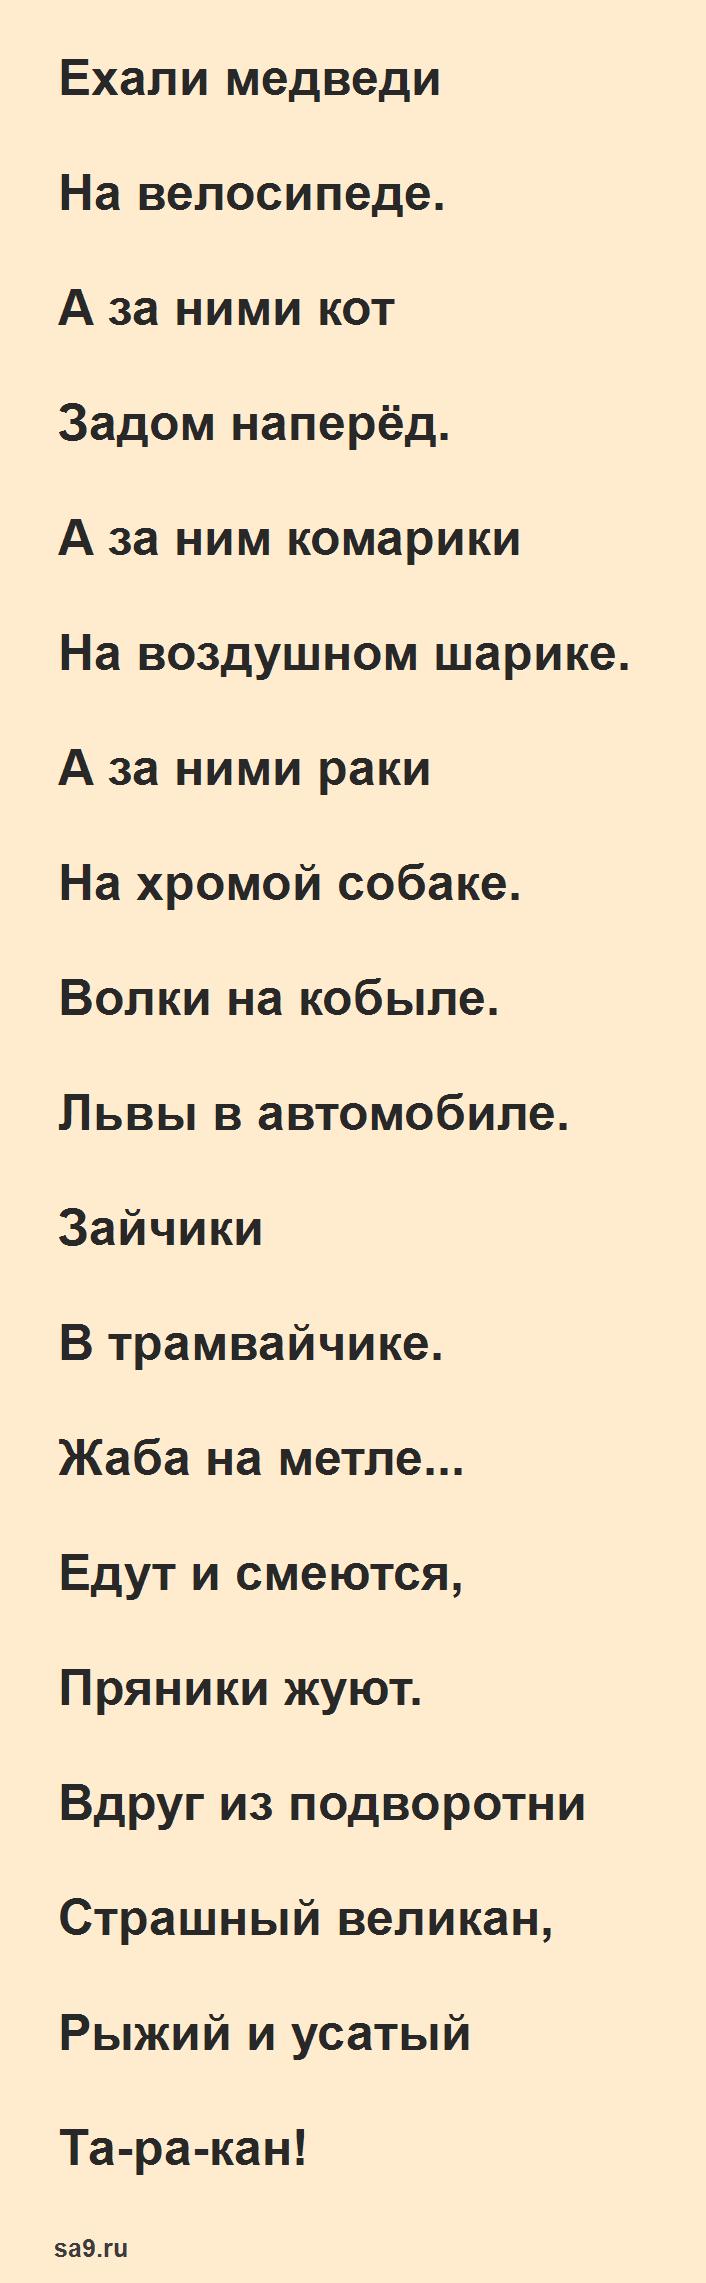 Сказка Чуковского для детей 'Тараканище'